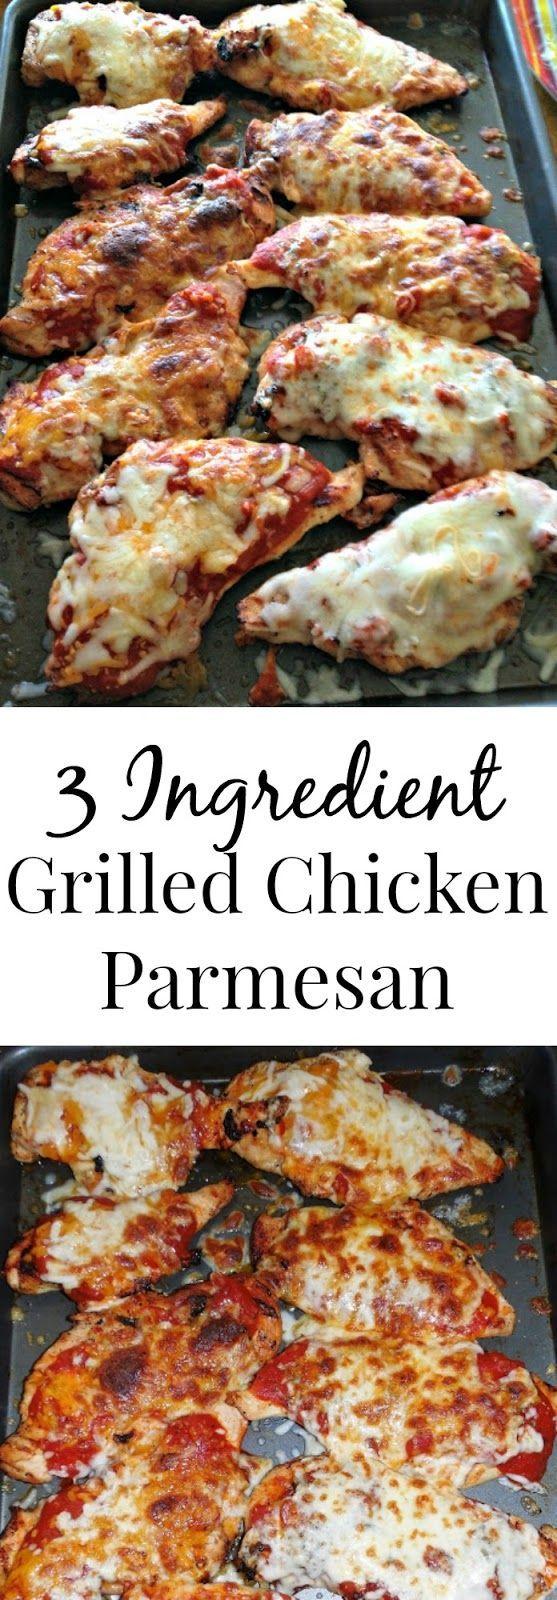 3 Ingredient Grilled Chicken Parmesan Recipe Grilled Chicken Recipes Grilled Chicken